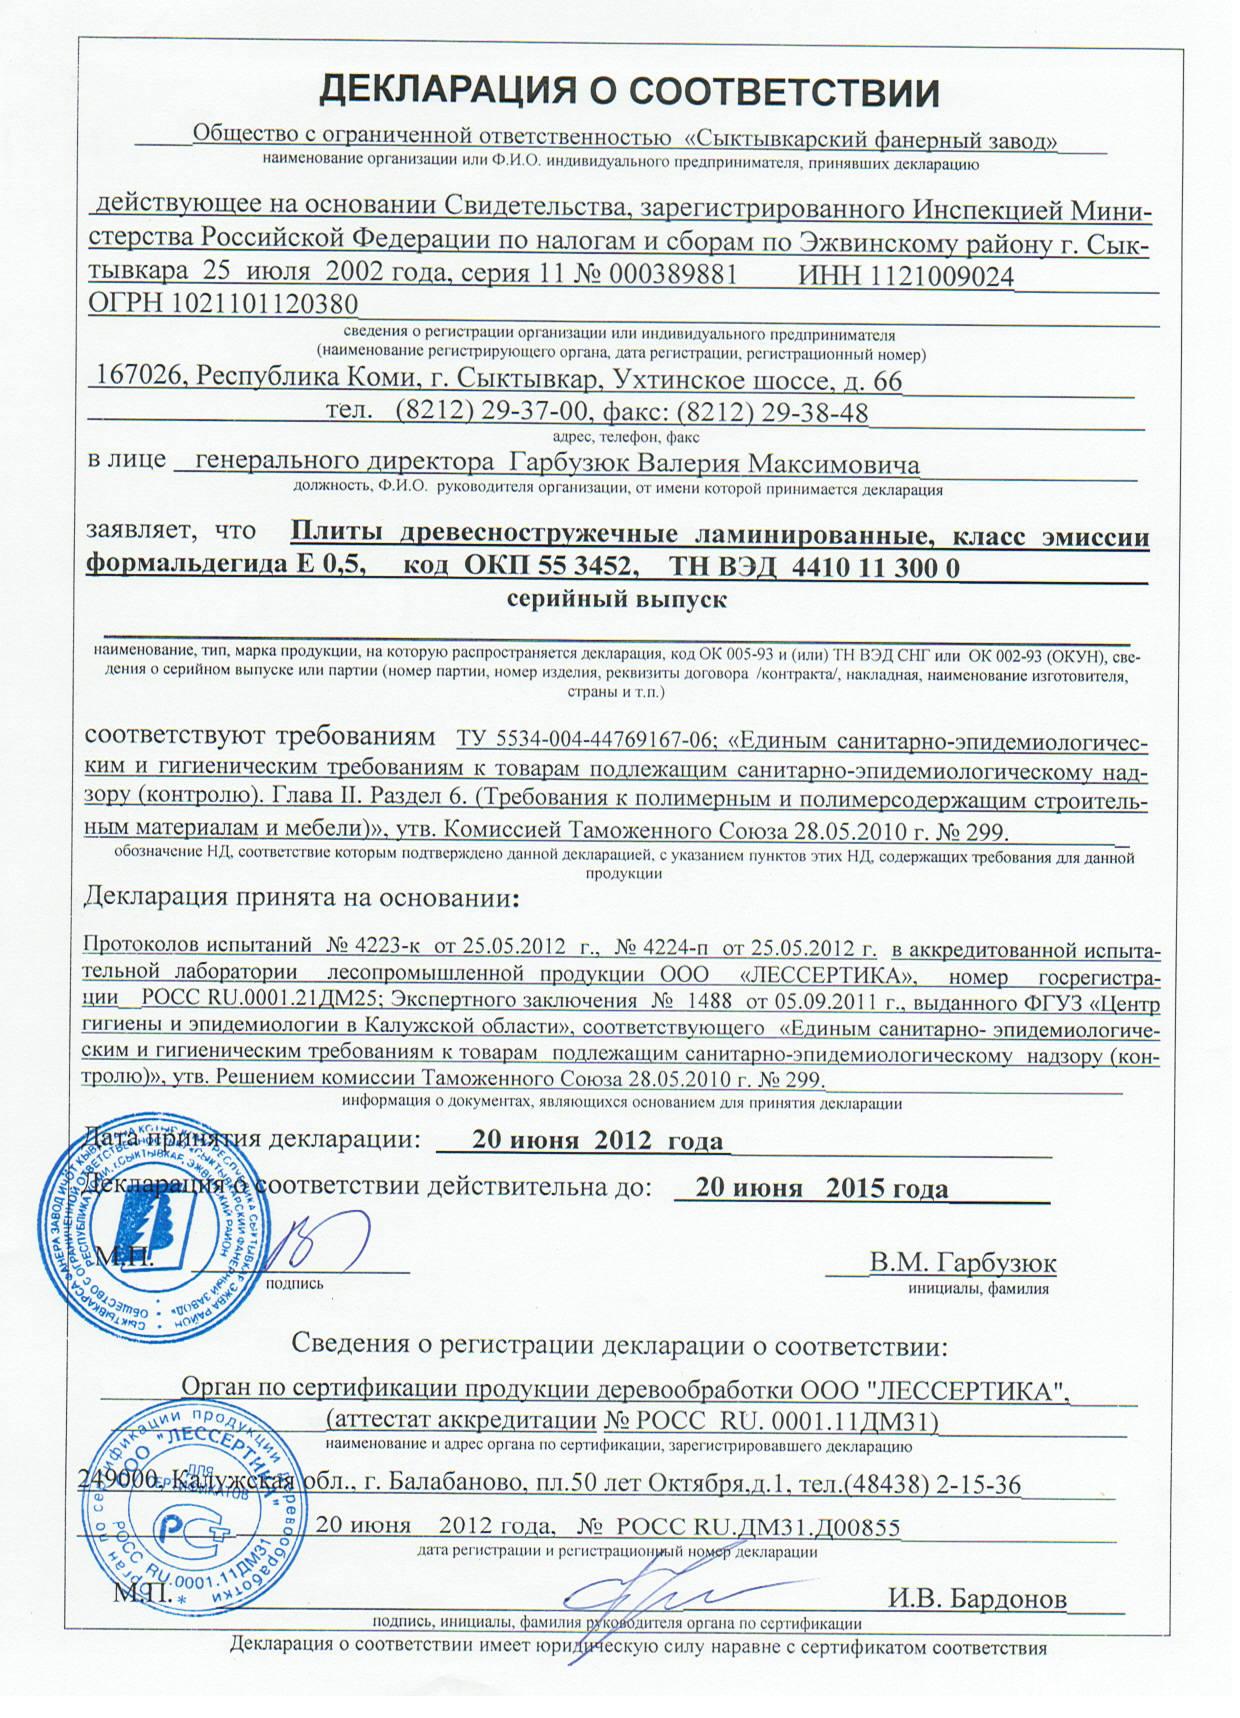 Сертификаты соответствия на материалы